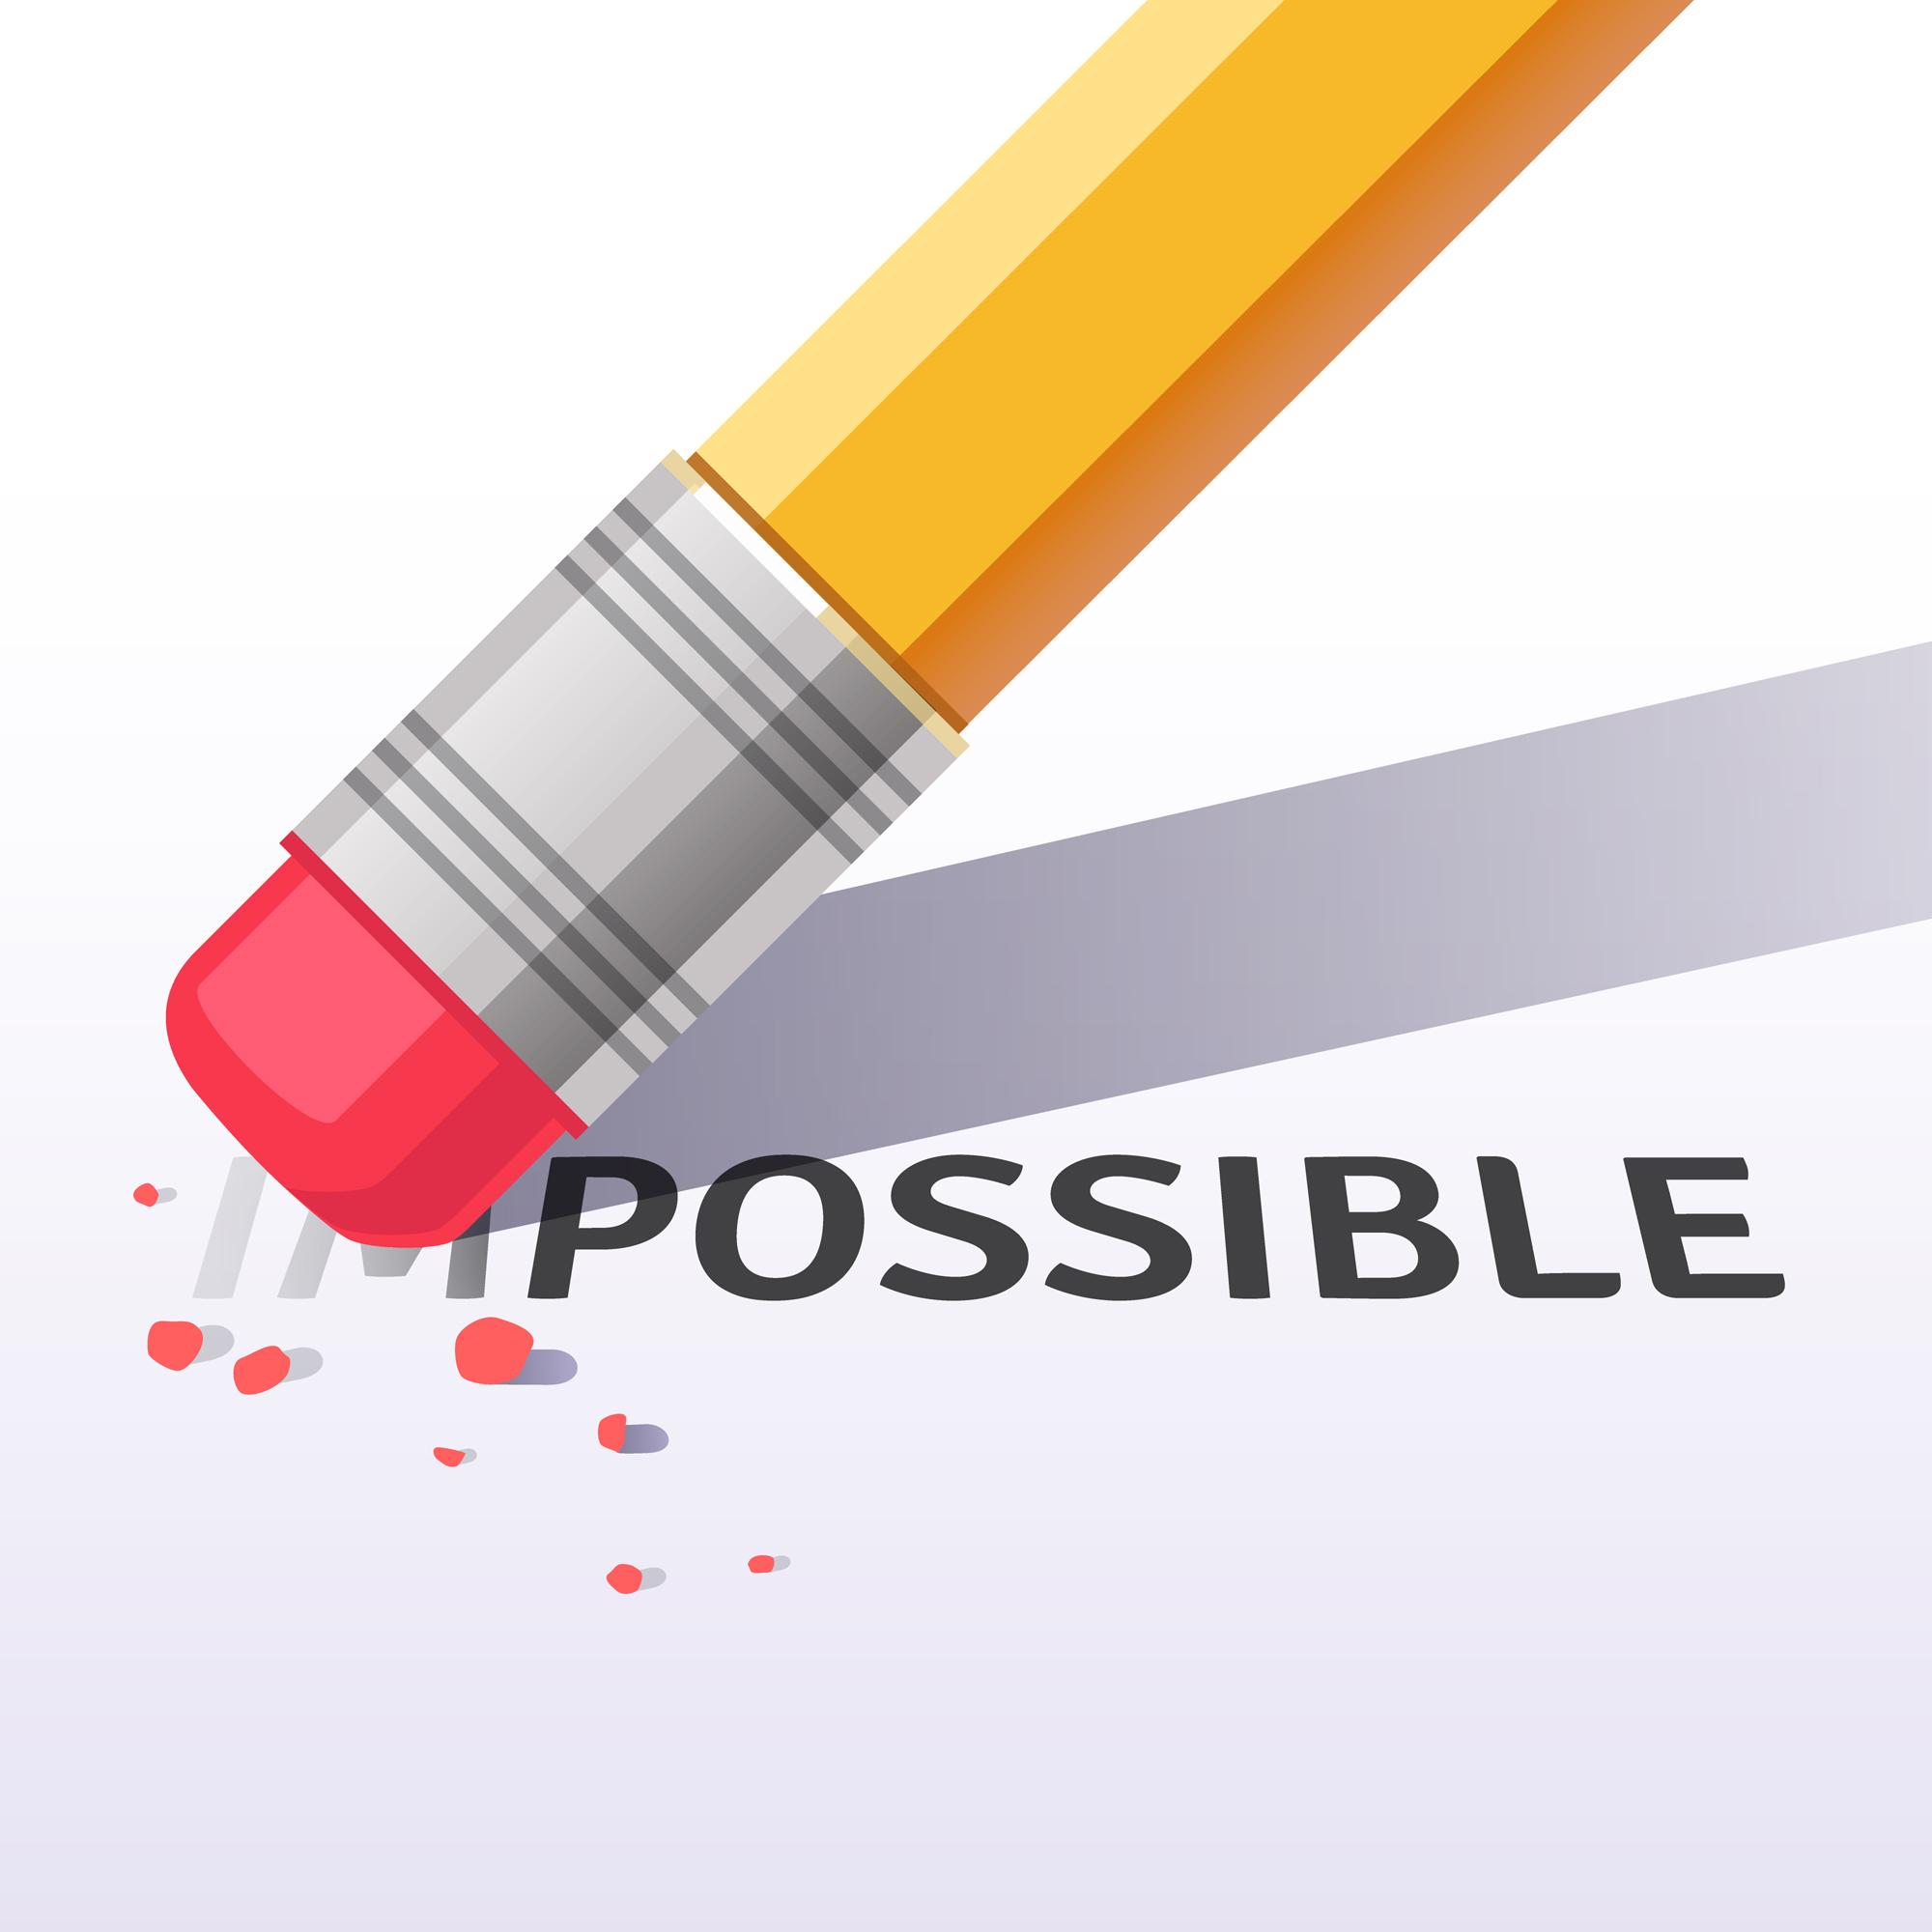 役に立たない前提や信じ込みをどう書き換える? 解釈や意味付けの書き換え方の事例